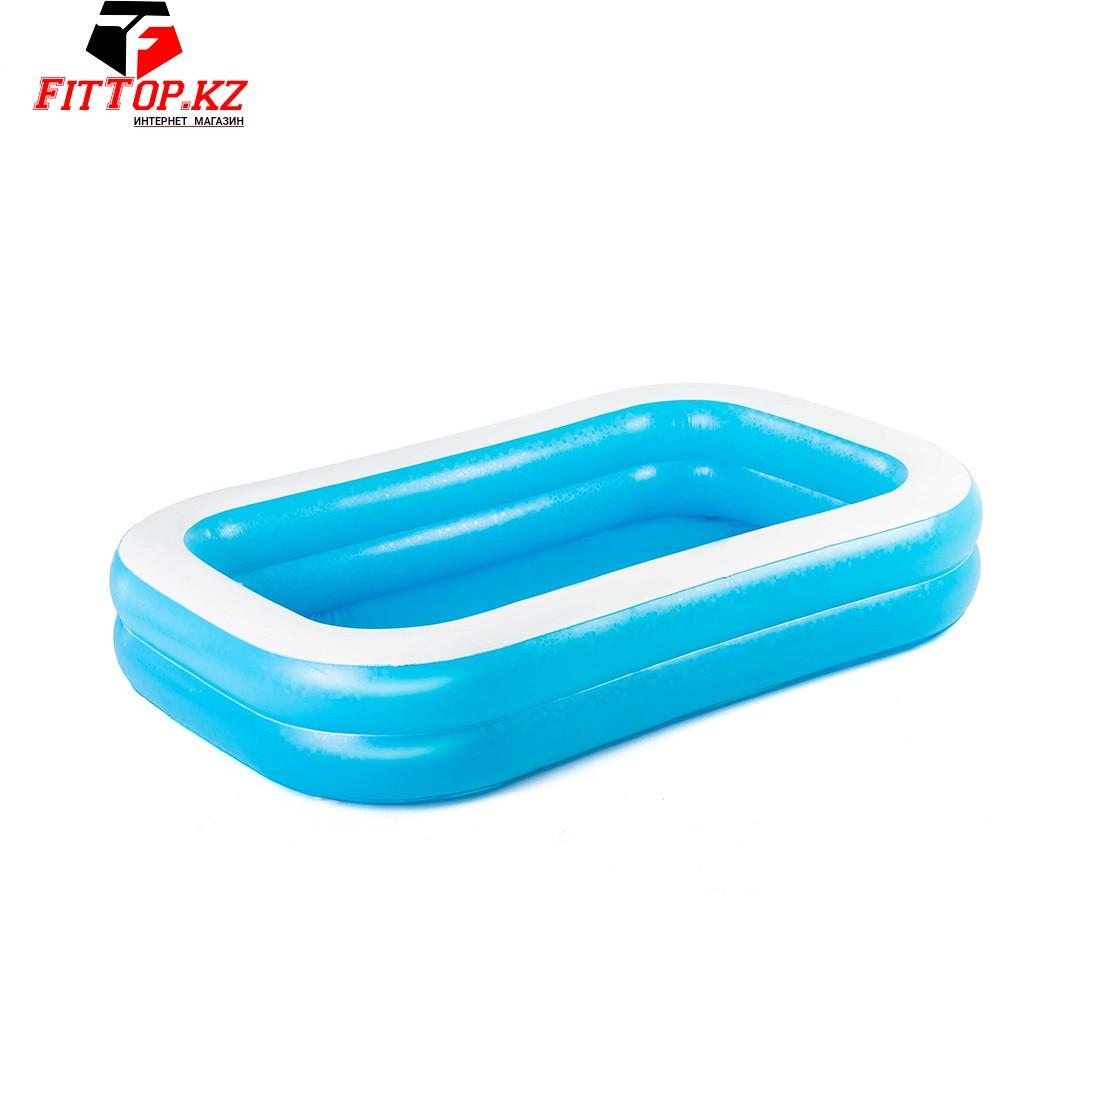 Семейный надувной бассейн Blue Rectangular 262 х 175 х 51 см, BESTWAY, 54006